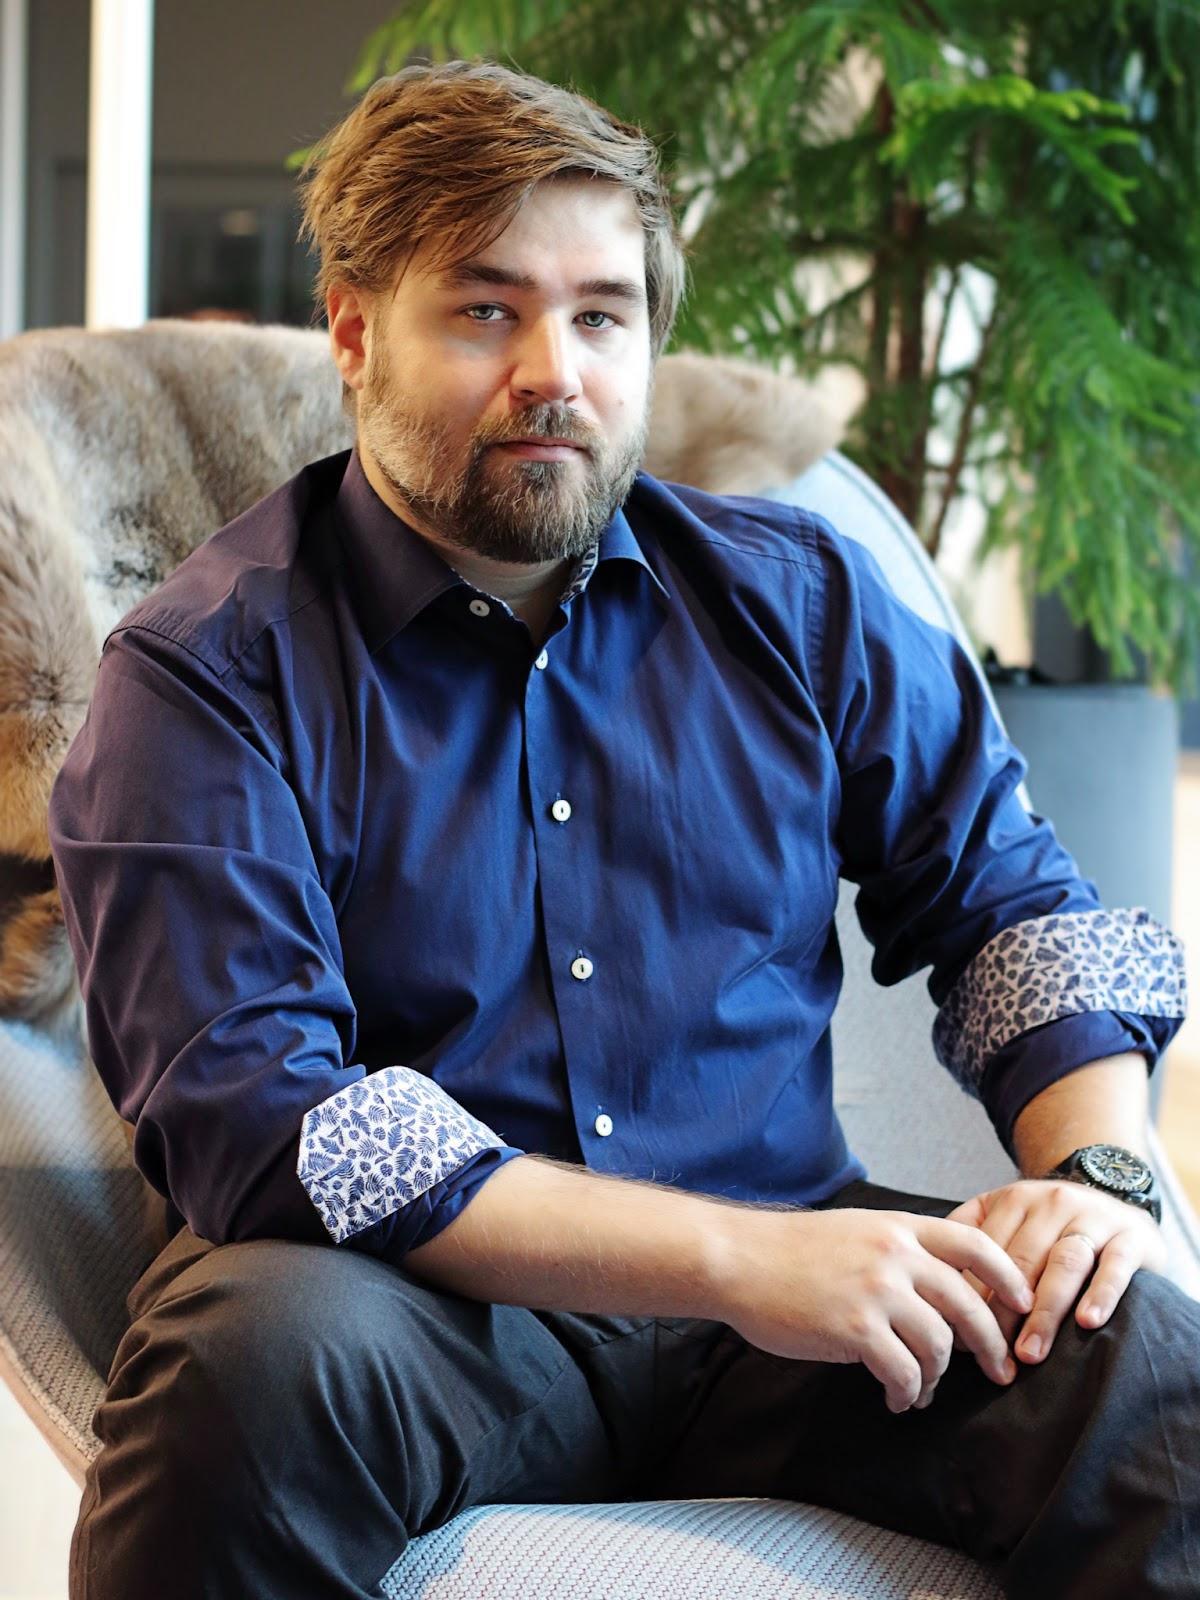 Johan Pilestedt, CEO and founder of Arrowhead